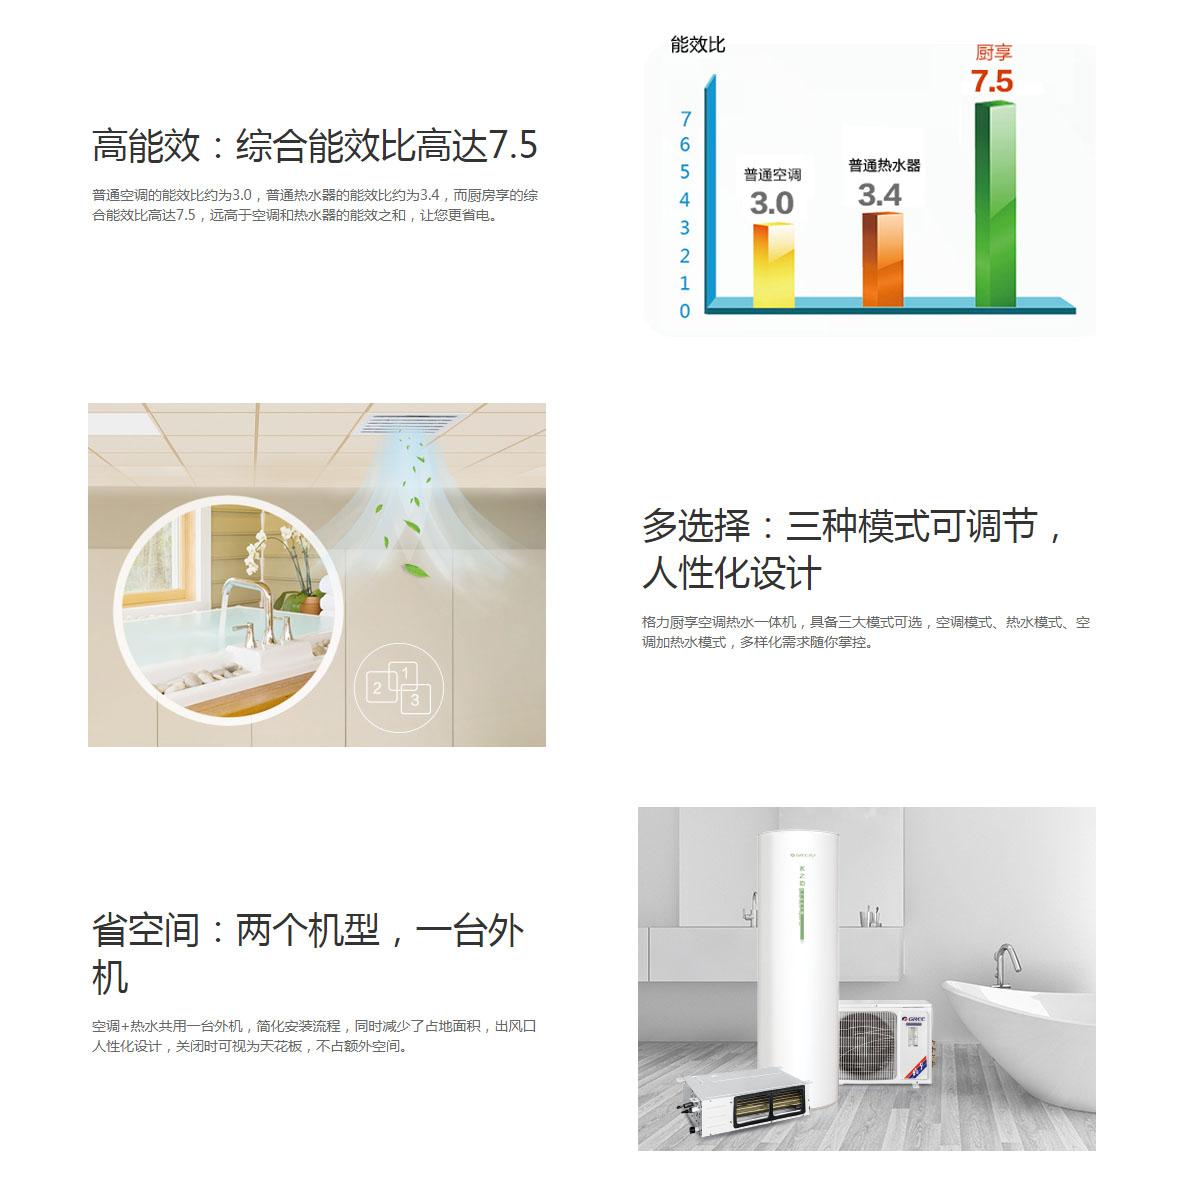 华天格力厨享厨房空调热水器